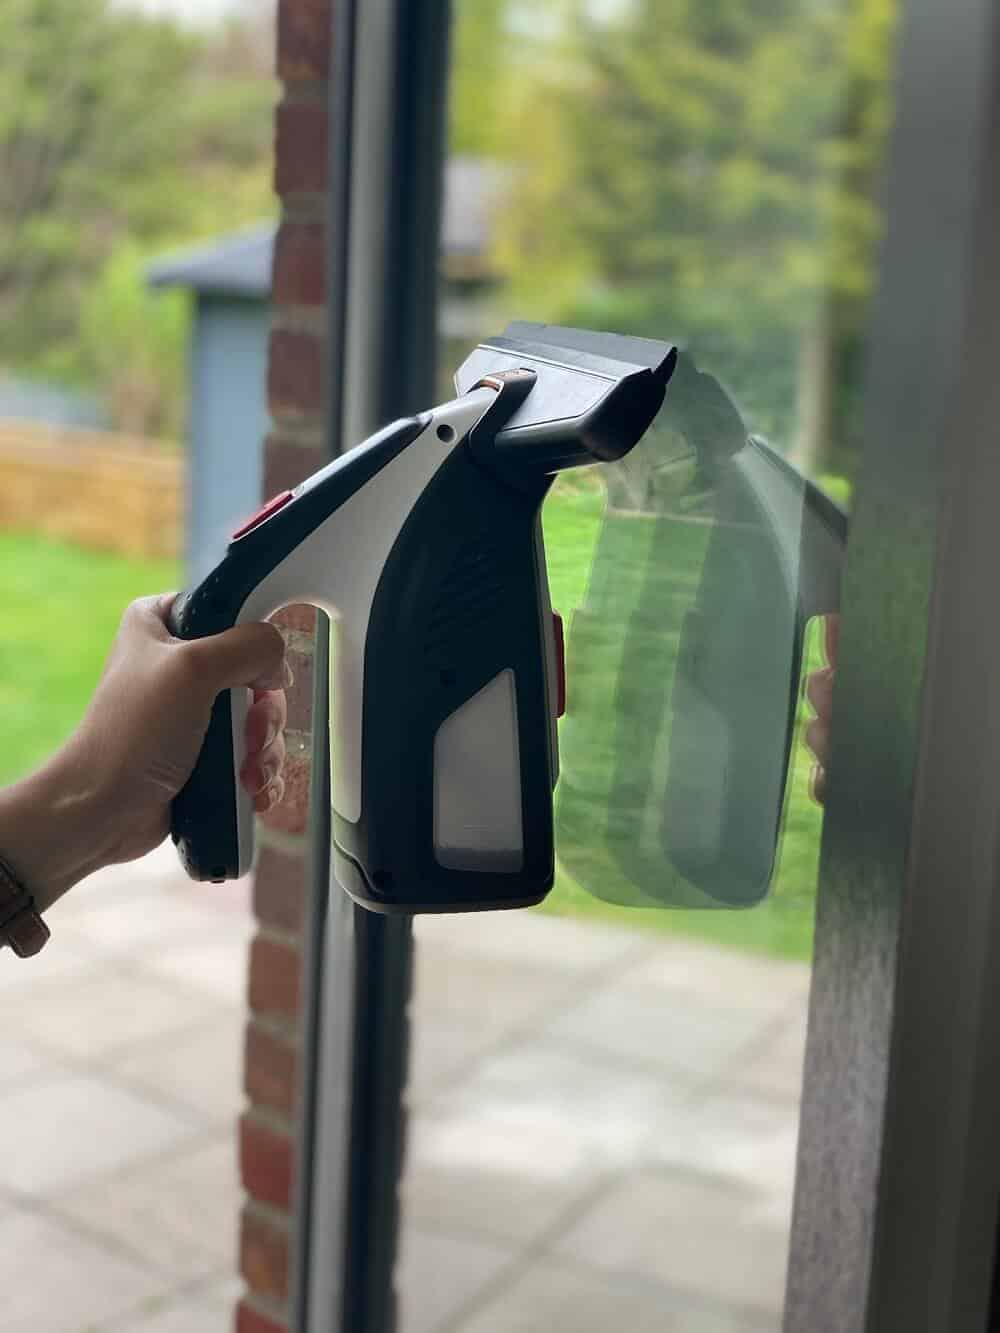 der glassvac fenstersaugroboter ist ein tolles gerät mit einem super preis leistungsverhältnis